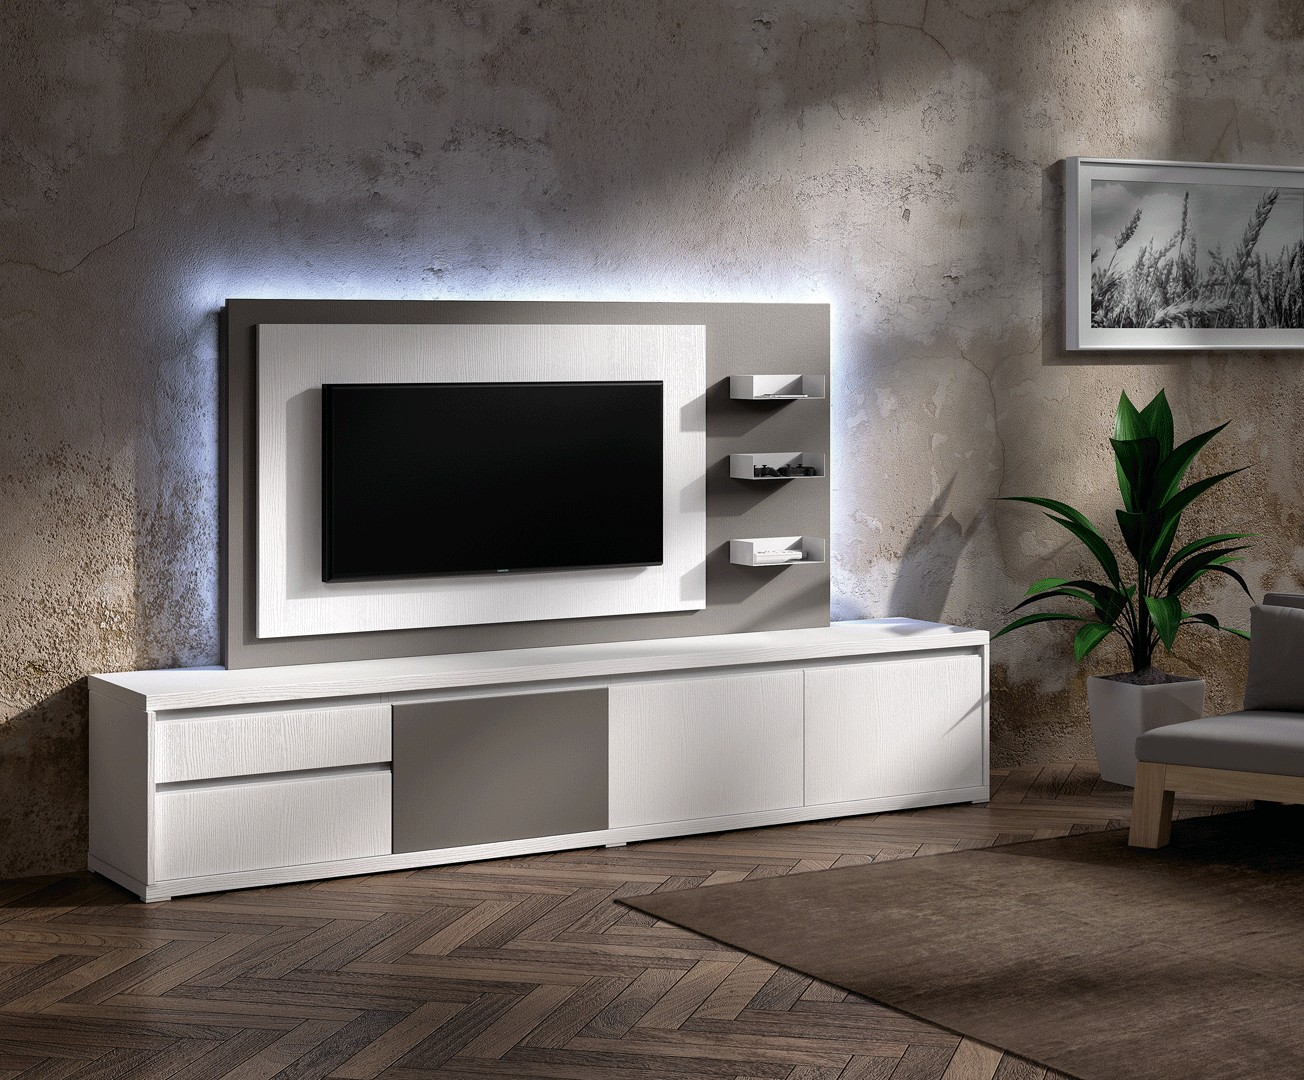 Meuble Tv Design Meuble Tv Bas Pour T L Vision Cbc Meubles # Meuble Tv Panneau Mural